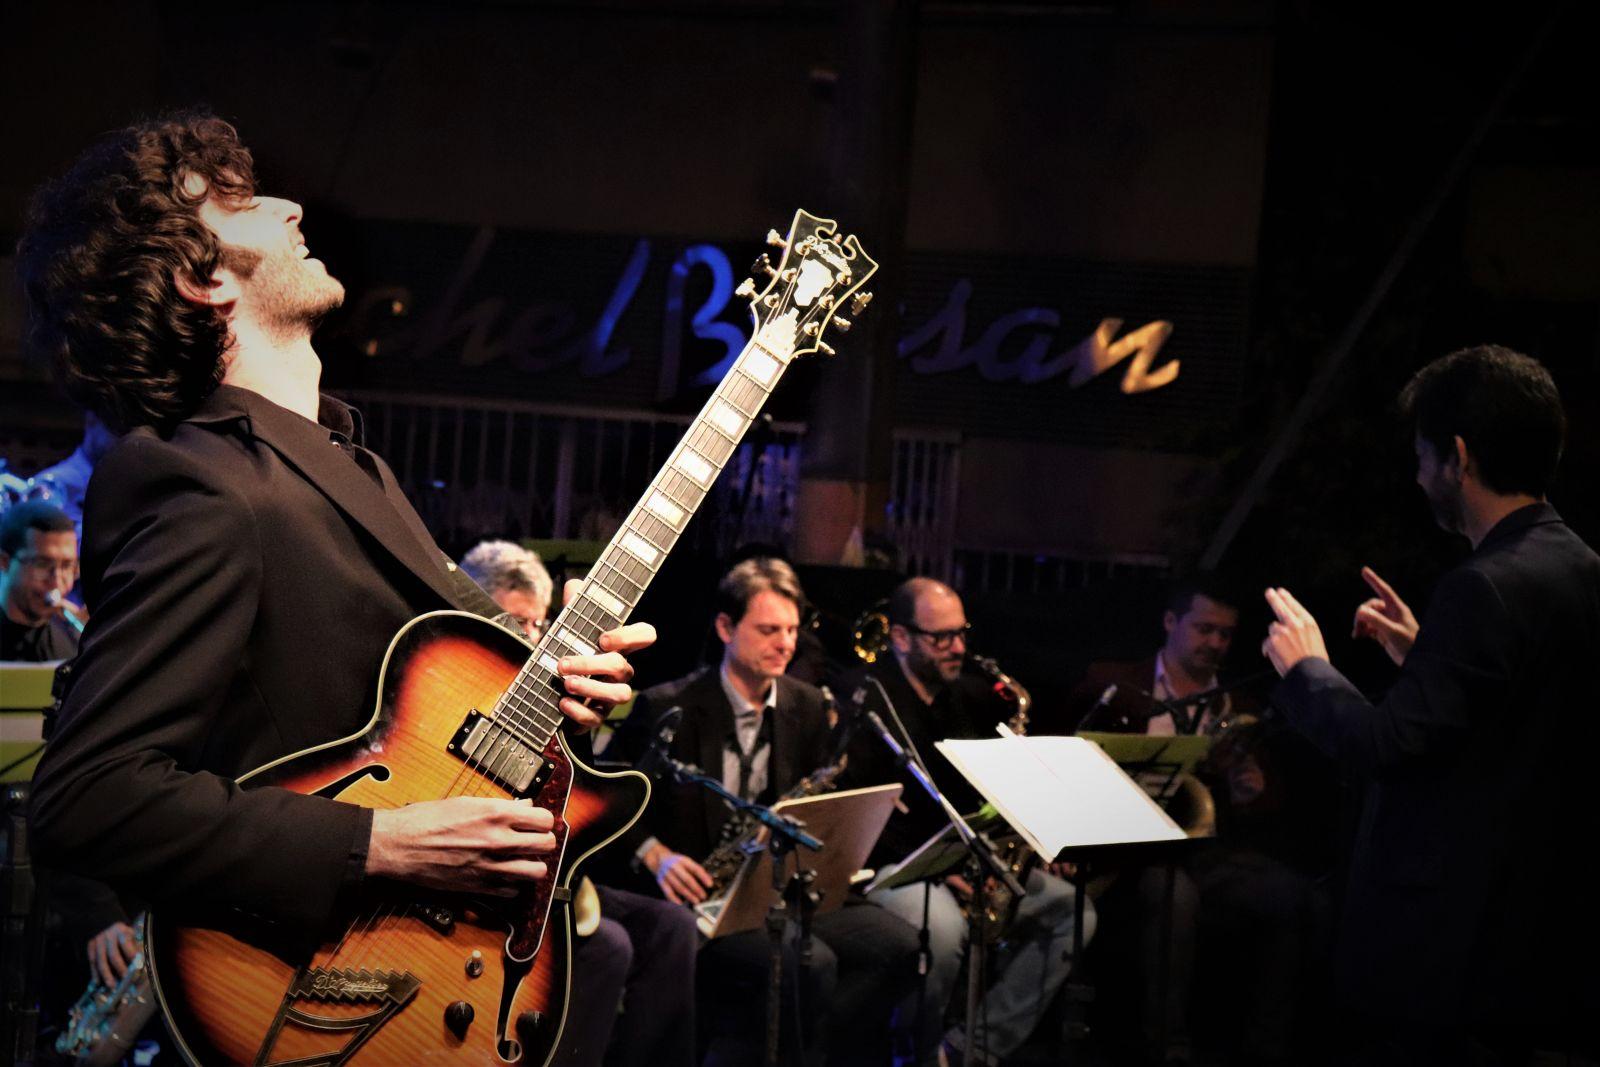 Tabuleiro Jazz Festival: evento chega à segunda edição, reunindo atrações internacionais e regionais - MG BIG BAND. Crédito: Fabiana Pinheiro